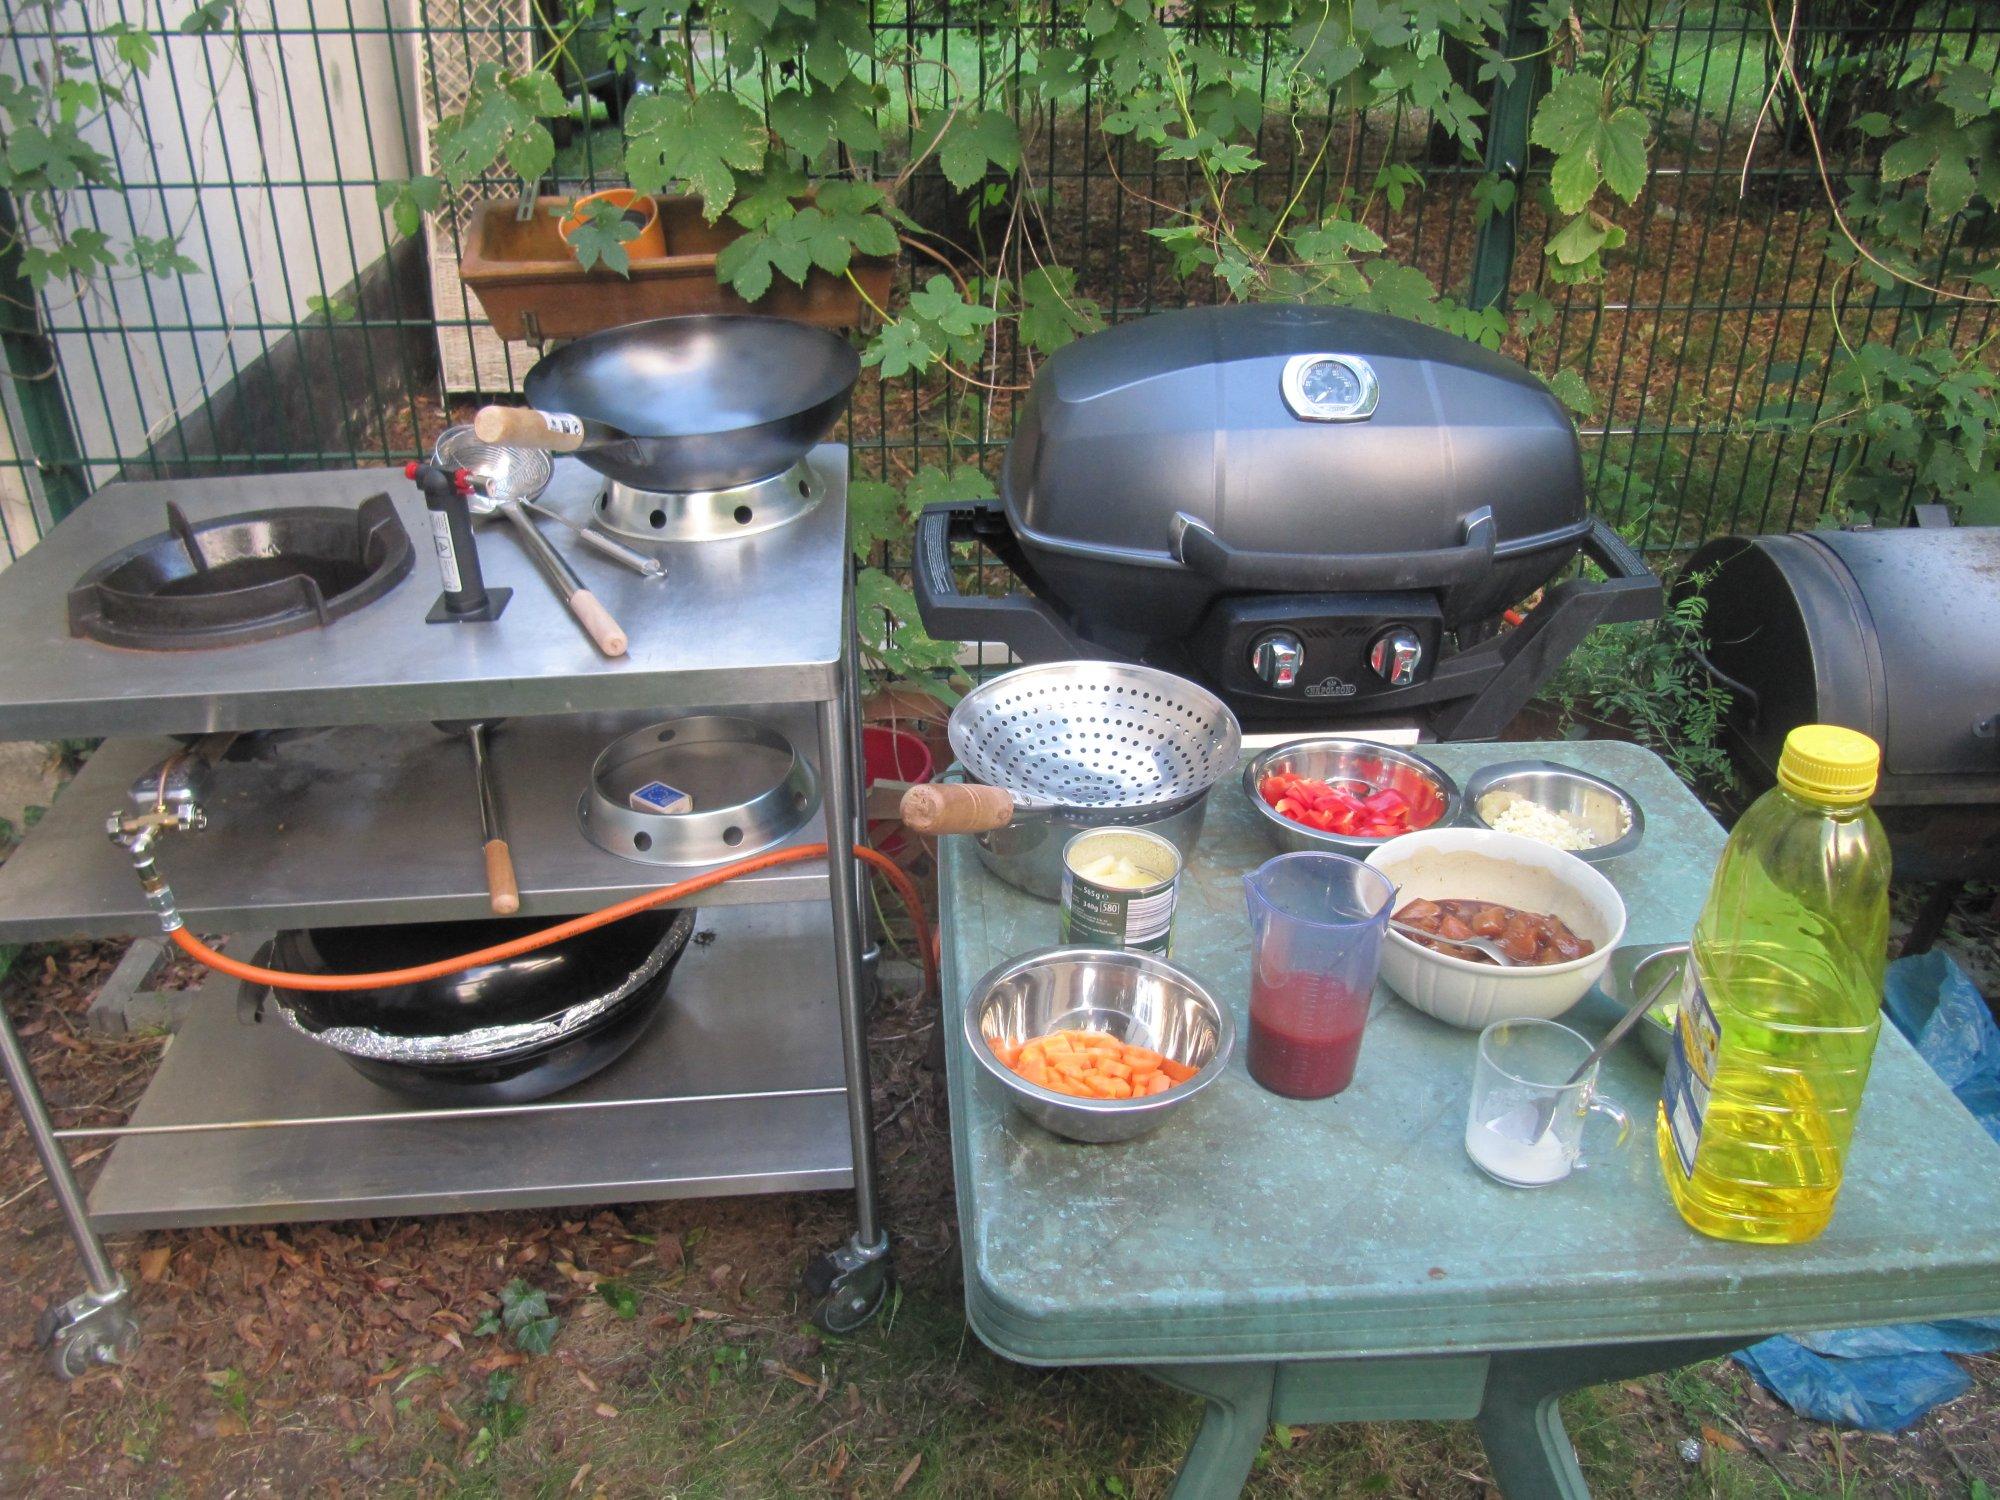 Weber Elektrogrill Willhaben : Was gibts denn heut zu essen? seite 1466 grillforum und bbq